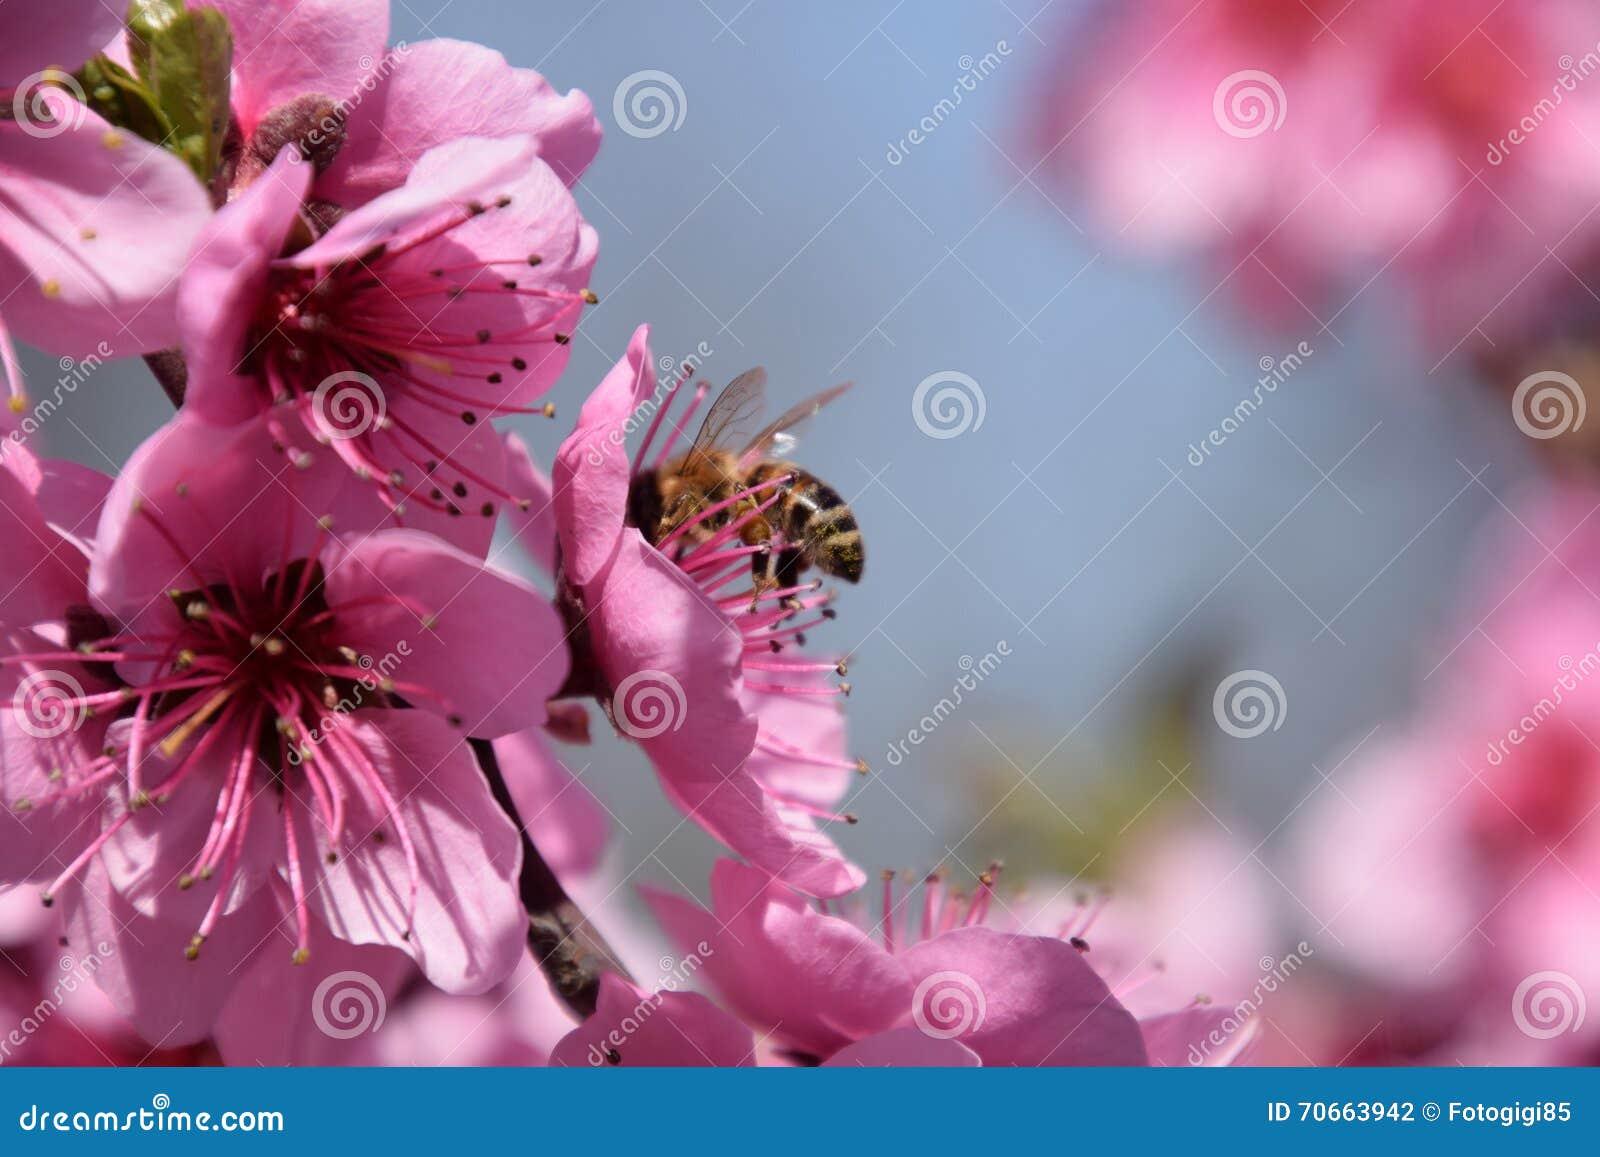 Polinização das flores pelo pêssego das abelhas